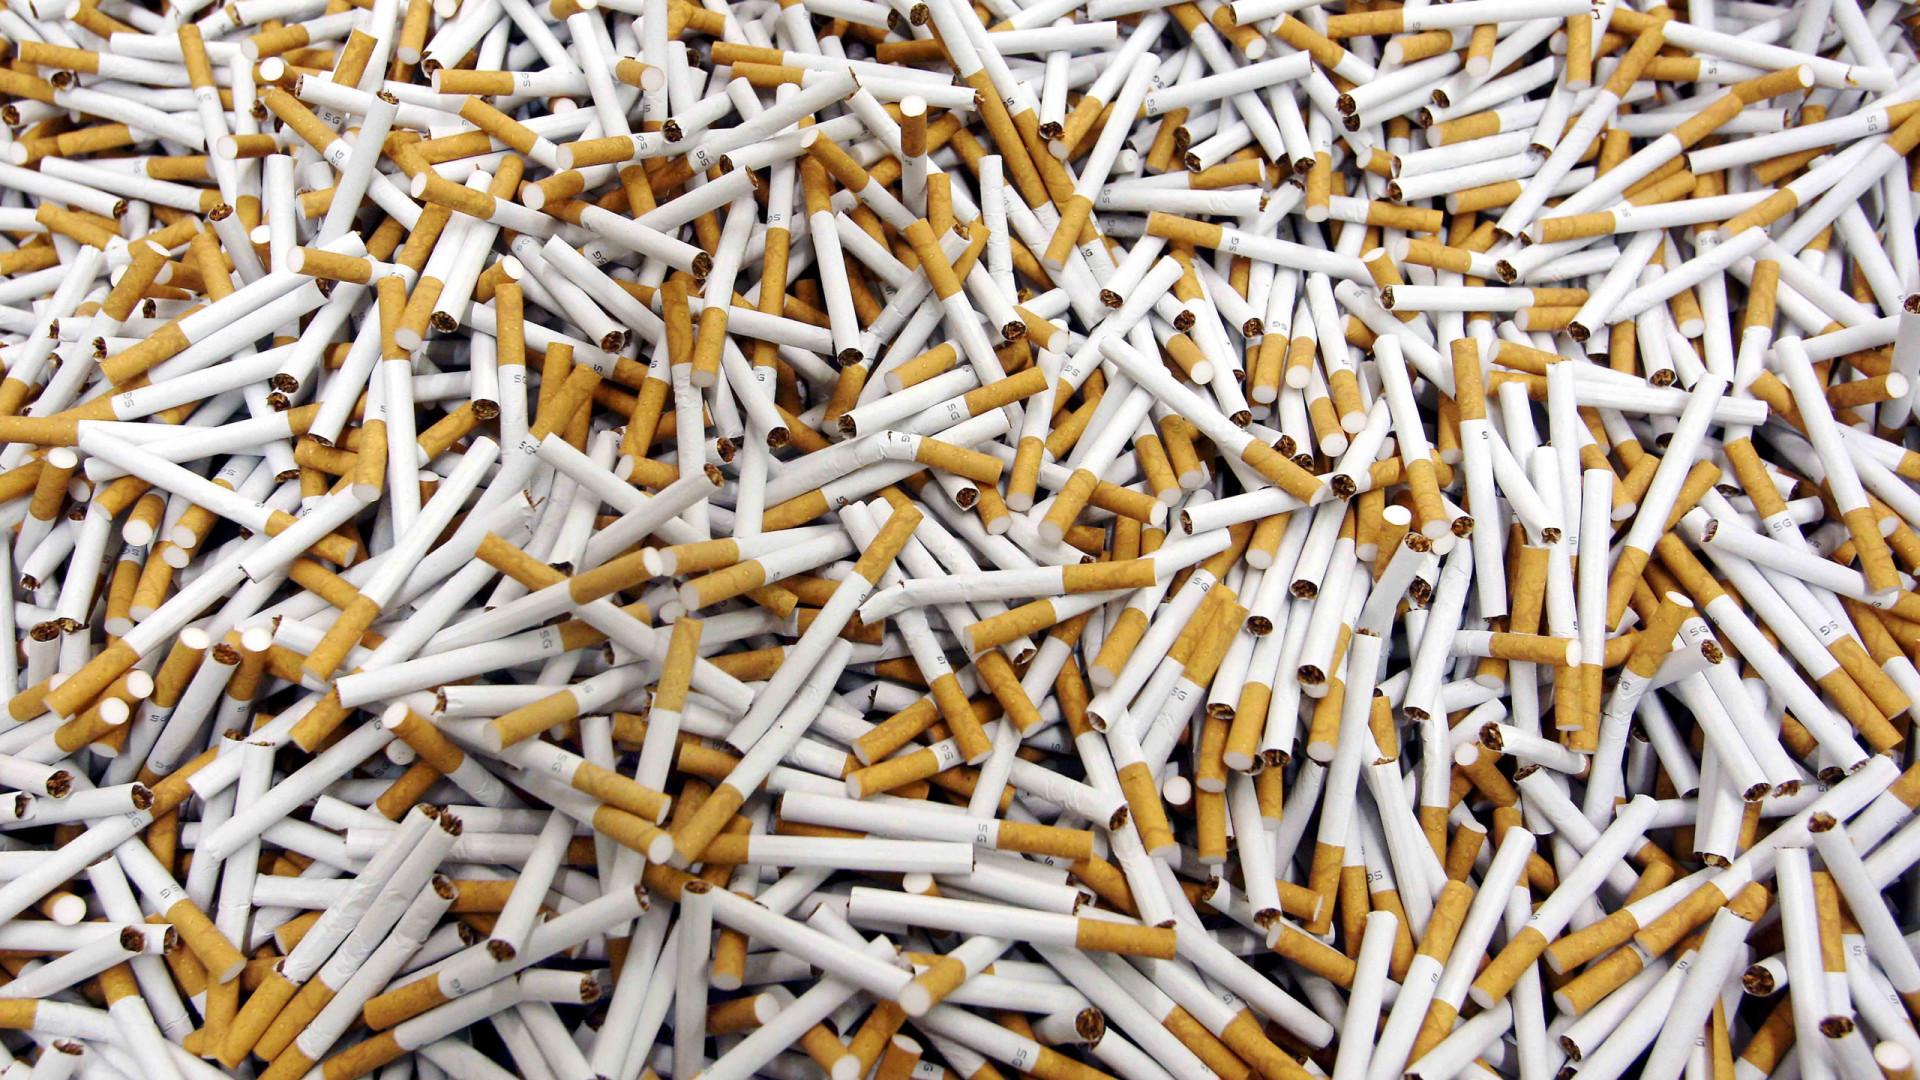 Fisco apreende 269 mil cigarros e 48 toneladas de folha de tabaco